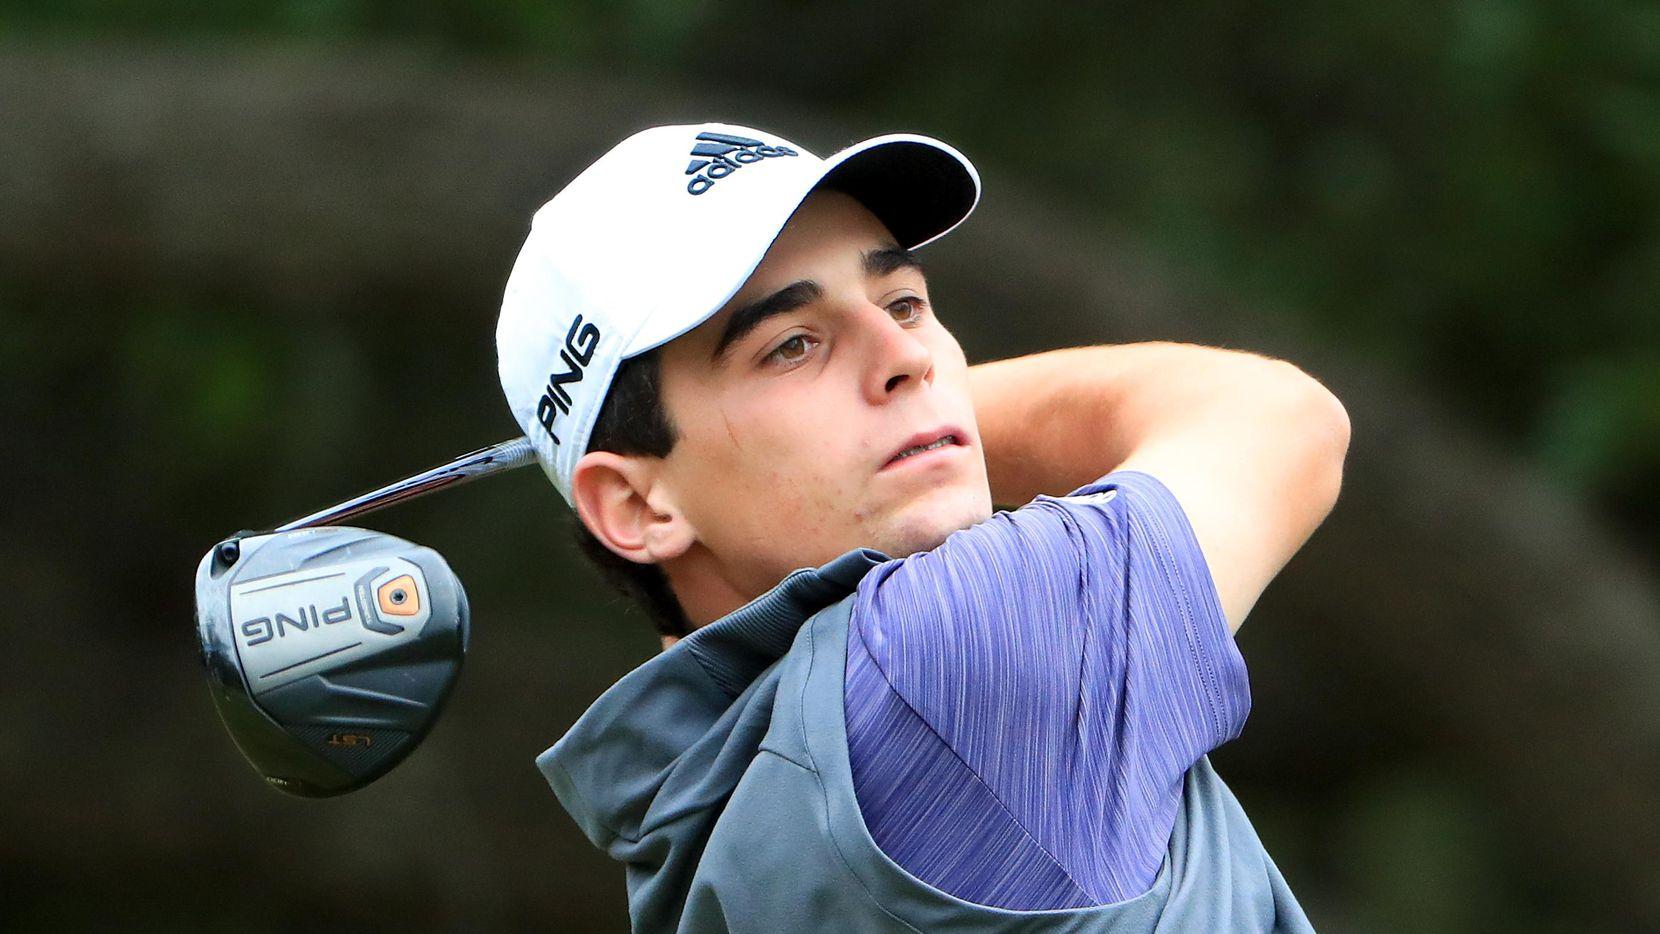 Joaquin Niemann, de Chile, debutó profesionalmente en abril. Tiene 19 años. (Getty Images/Tom Pennington)